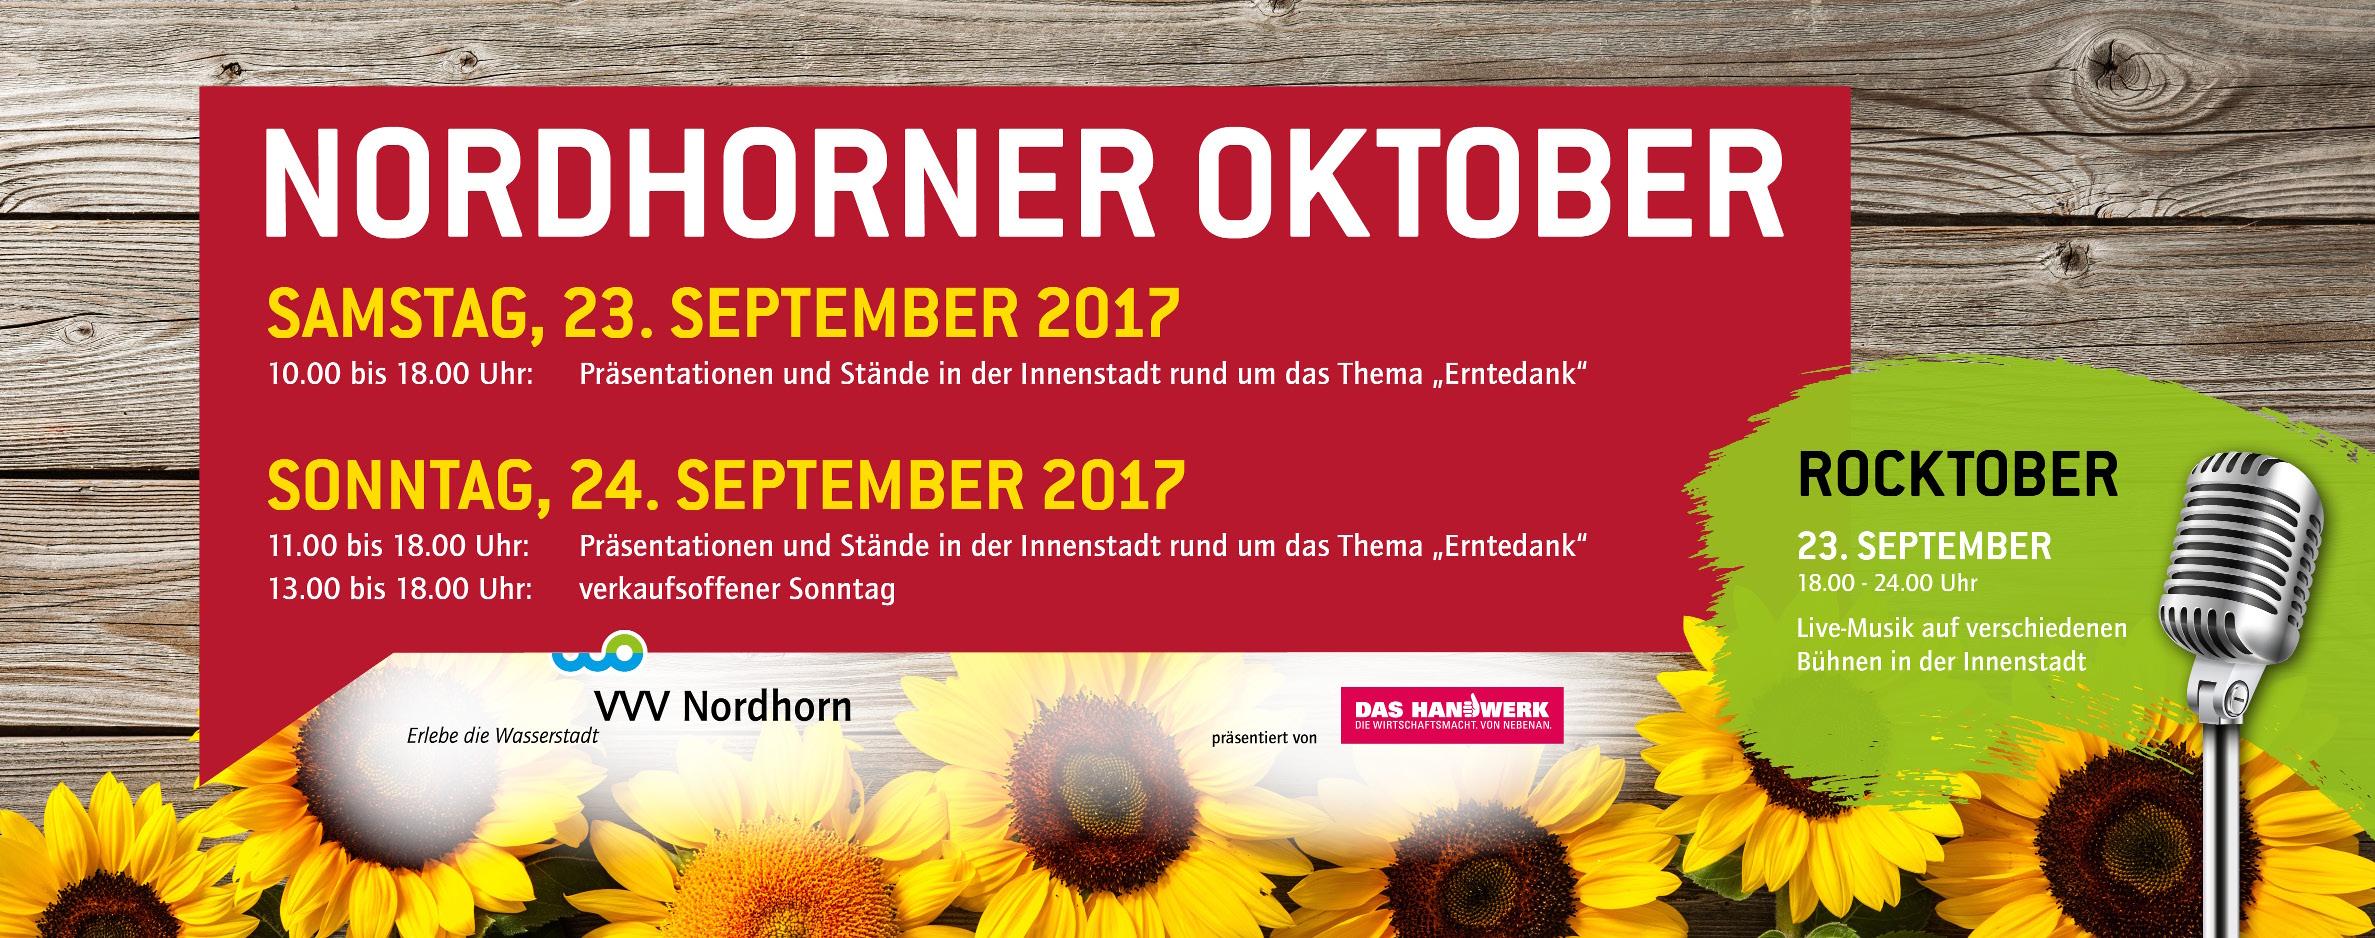 Nordhorner Oktober 2017